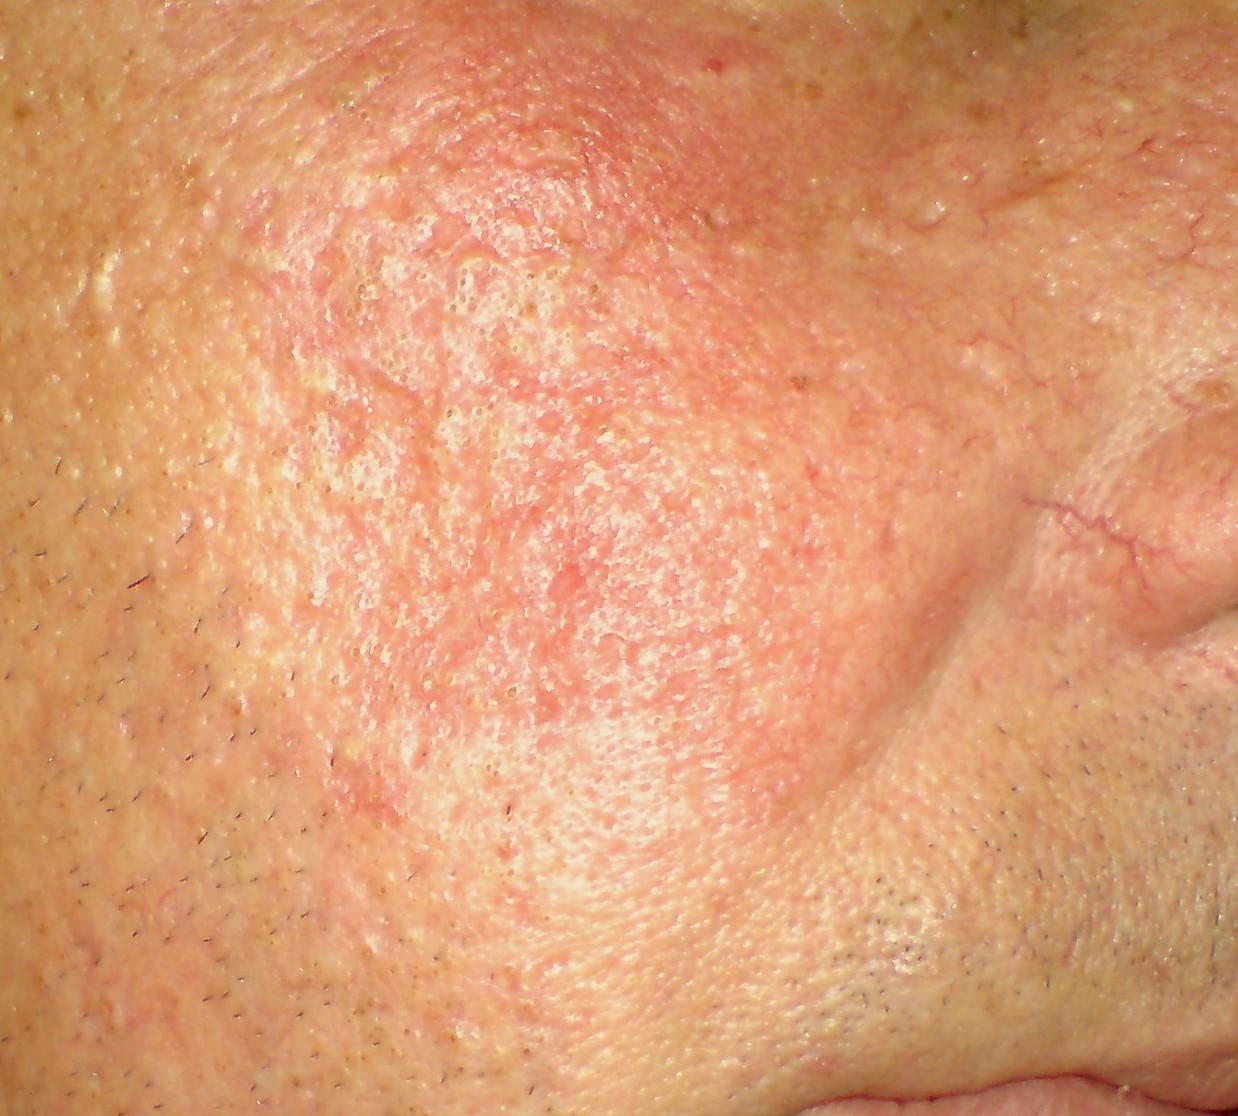 Дерматолог - Розацеа (Acne rosacea,розовые угри)